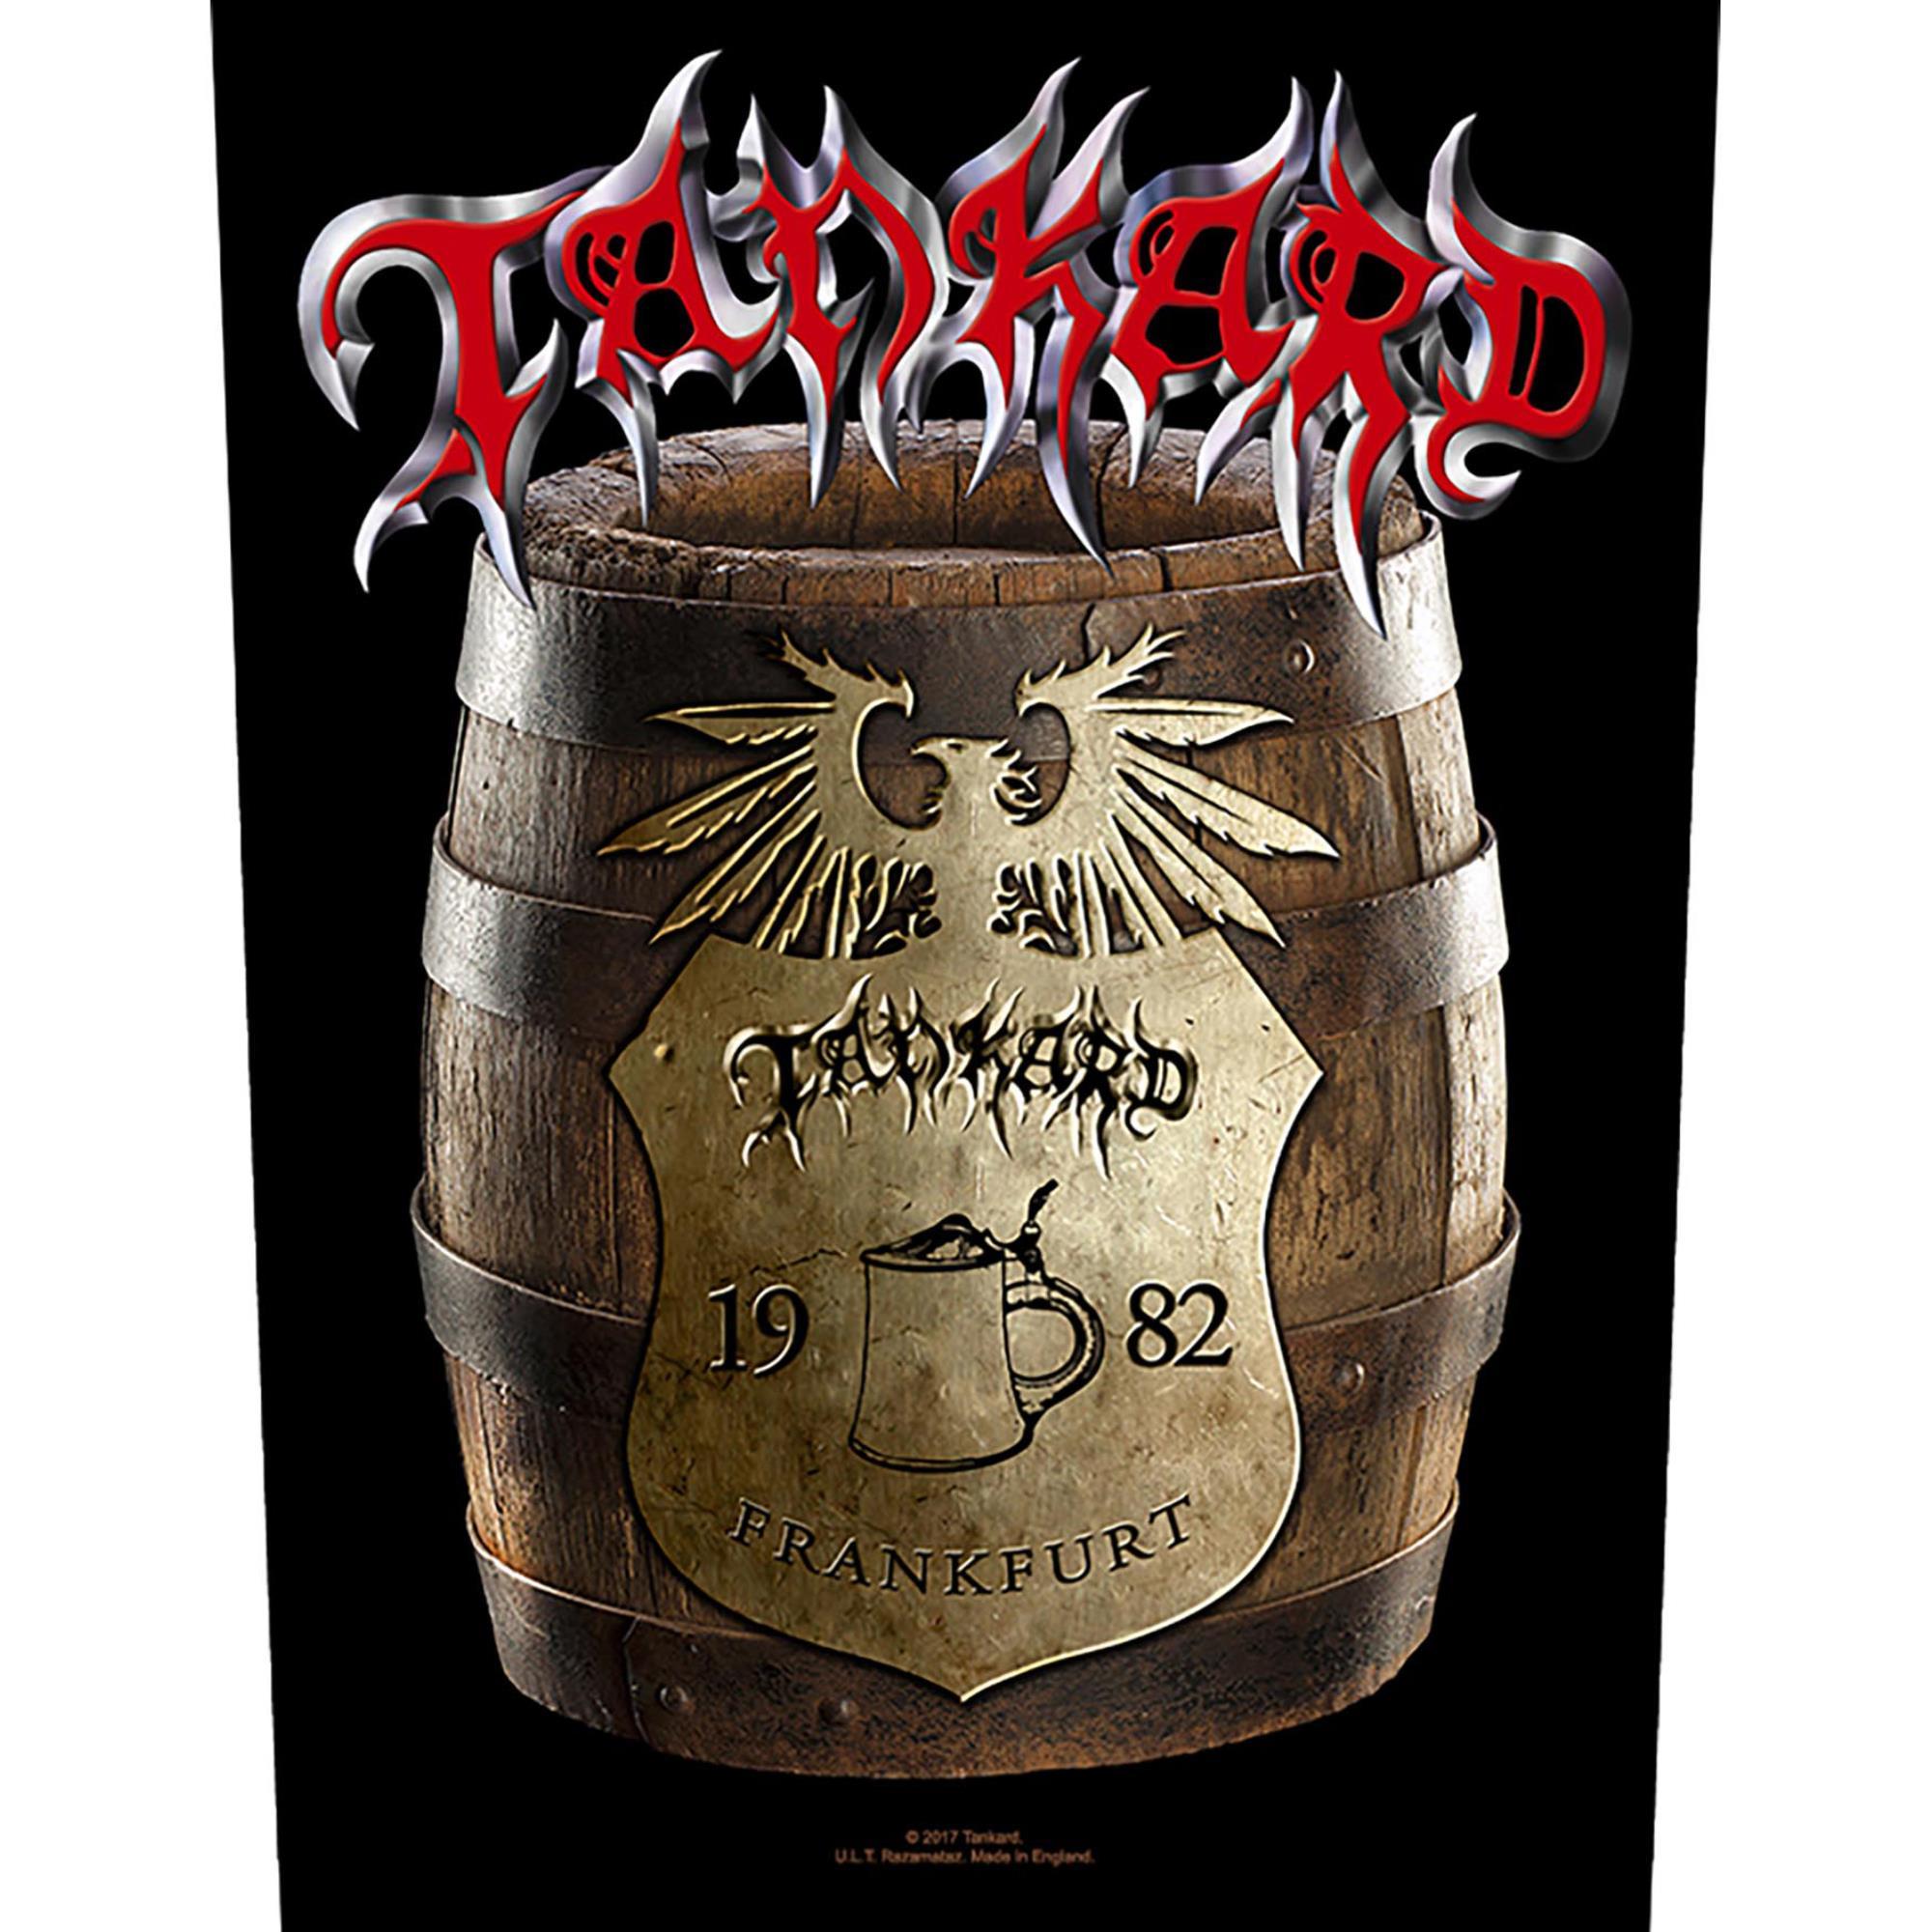 Beer Barrel Backpatch